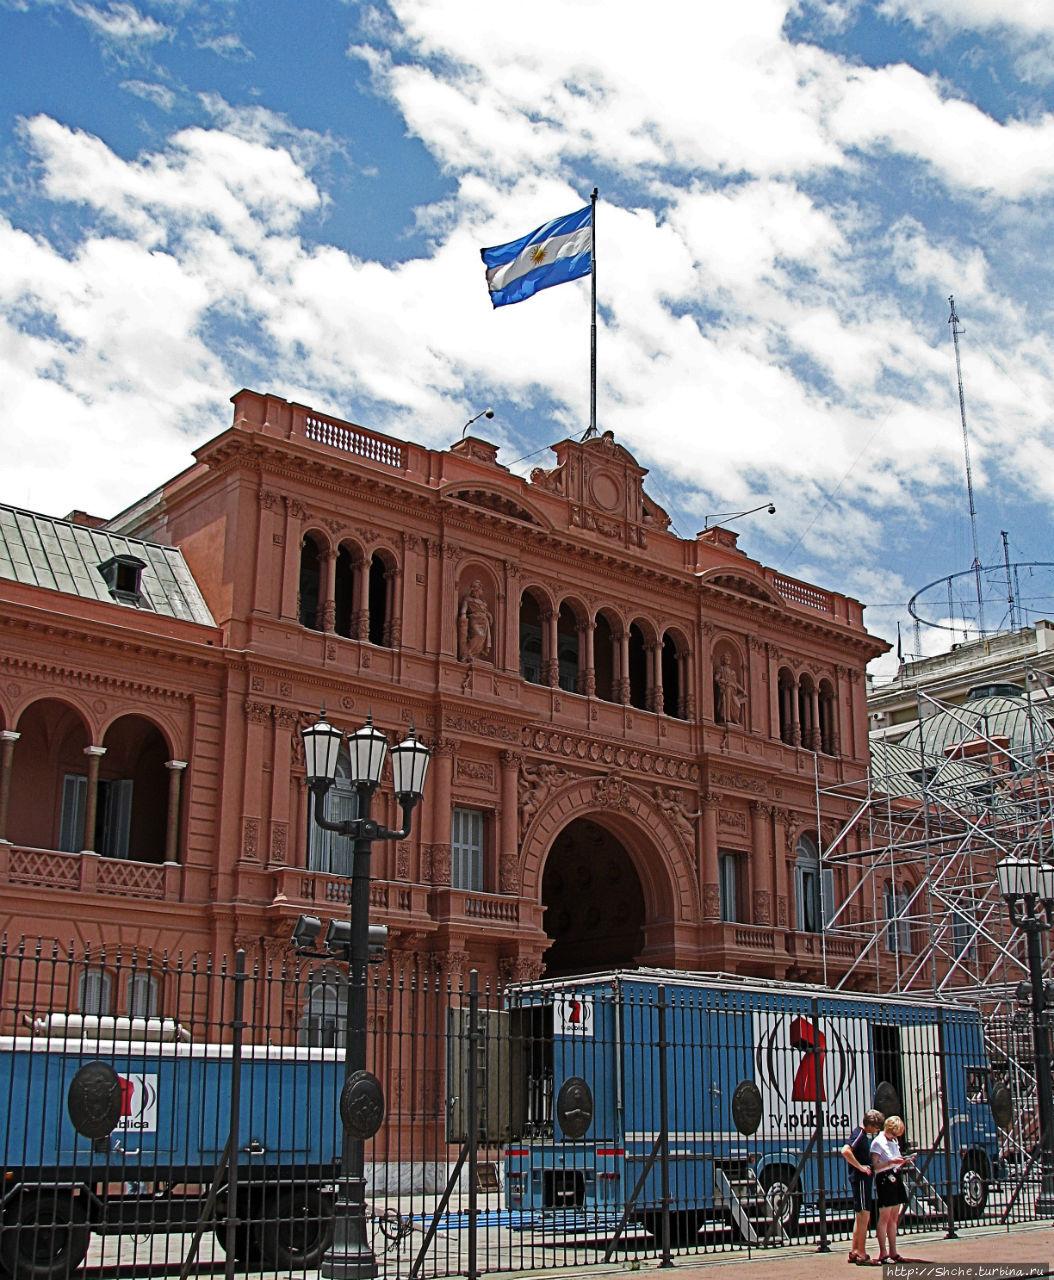 Буэнос диас, буэнос ночес, Буэнос-Айрес Буэнос-Айрес, Аргентина